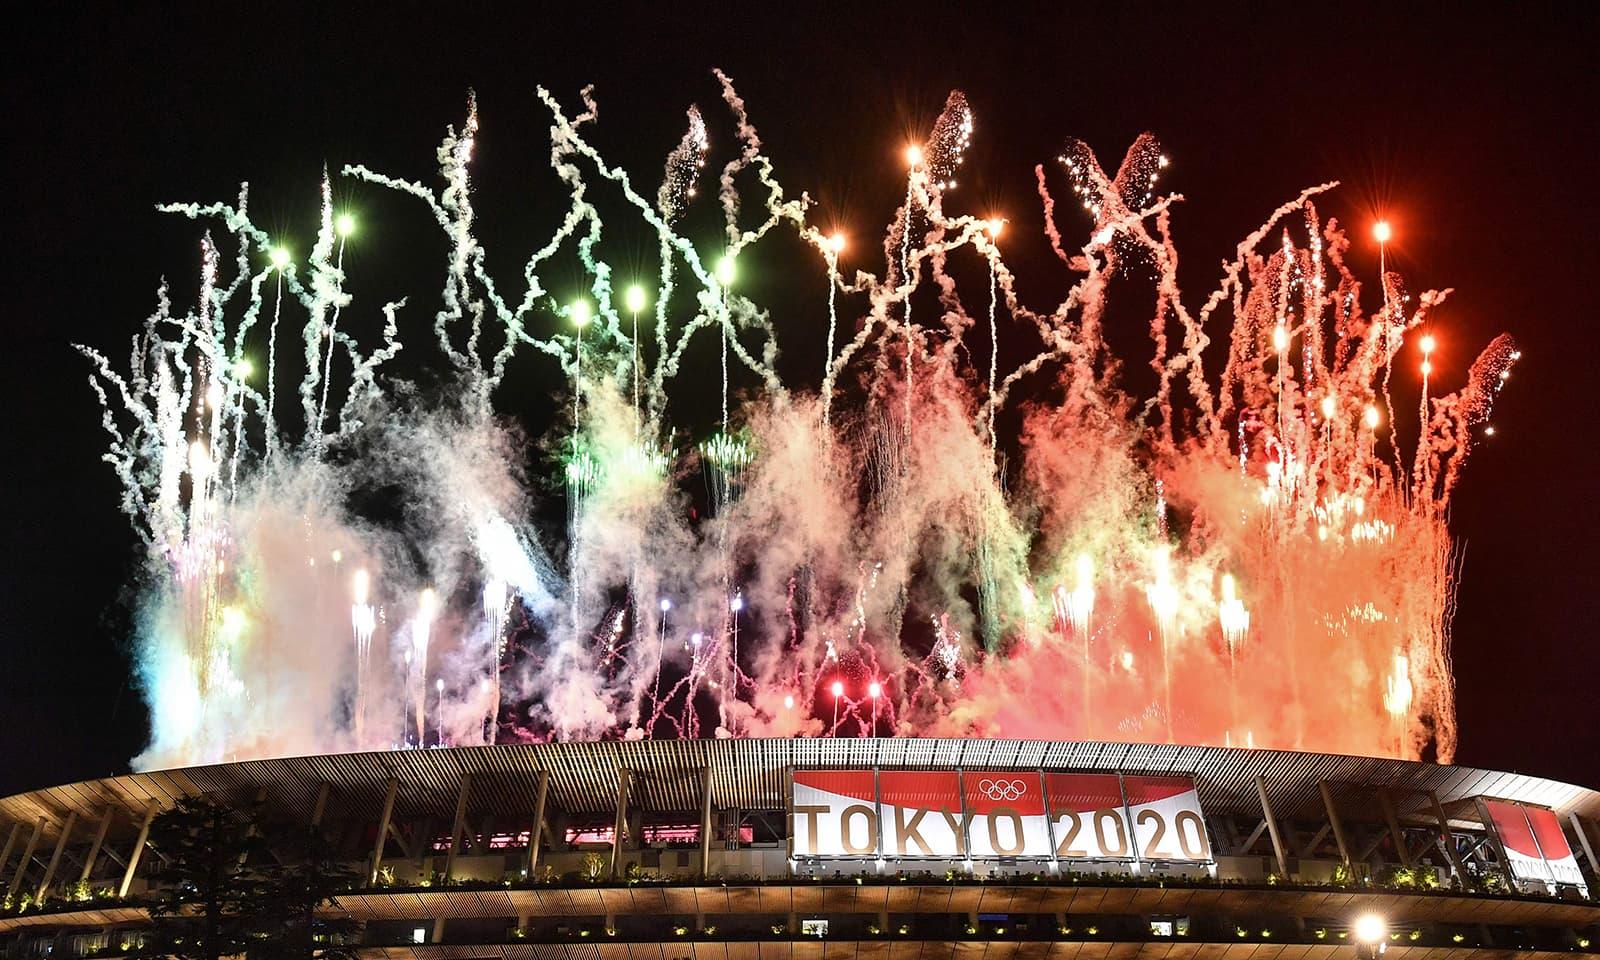 ٹوکیو اولمپکس 2020 کورونا کے باعث ایک سال کی تاخیر سے منعقد ہوئے—فوٹو: اے ایف پی